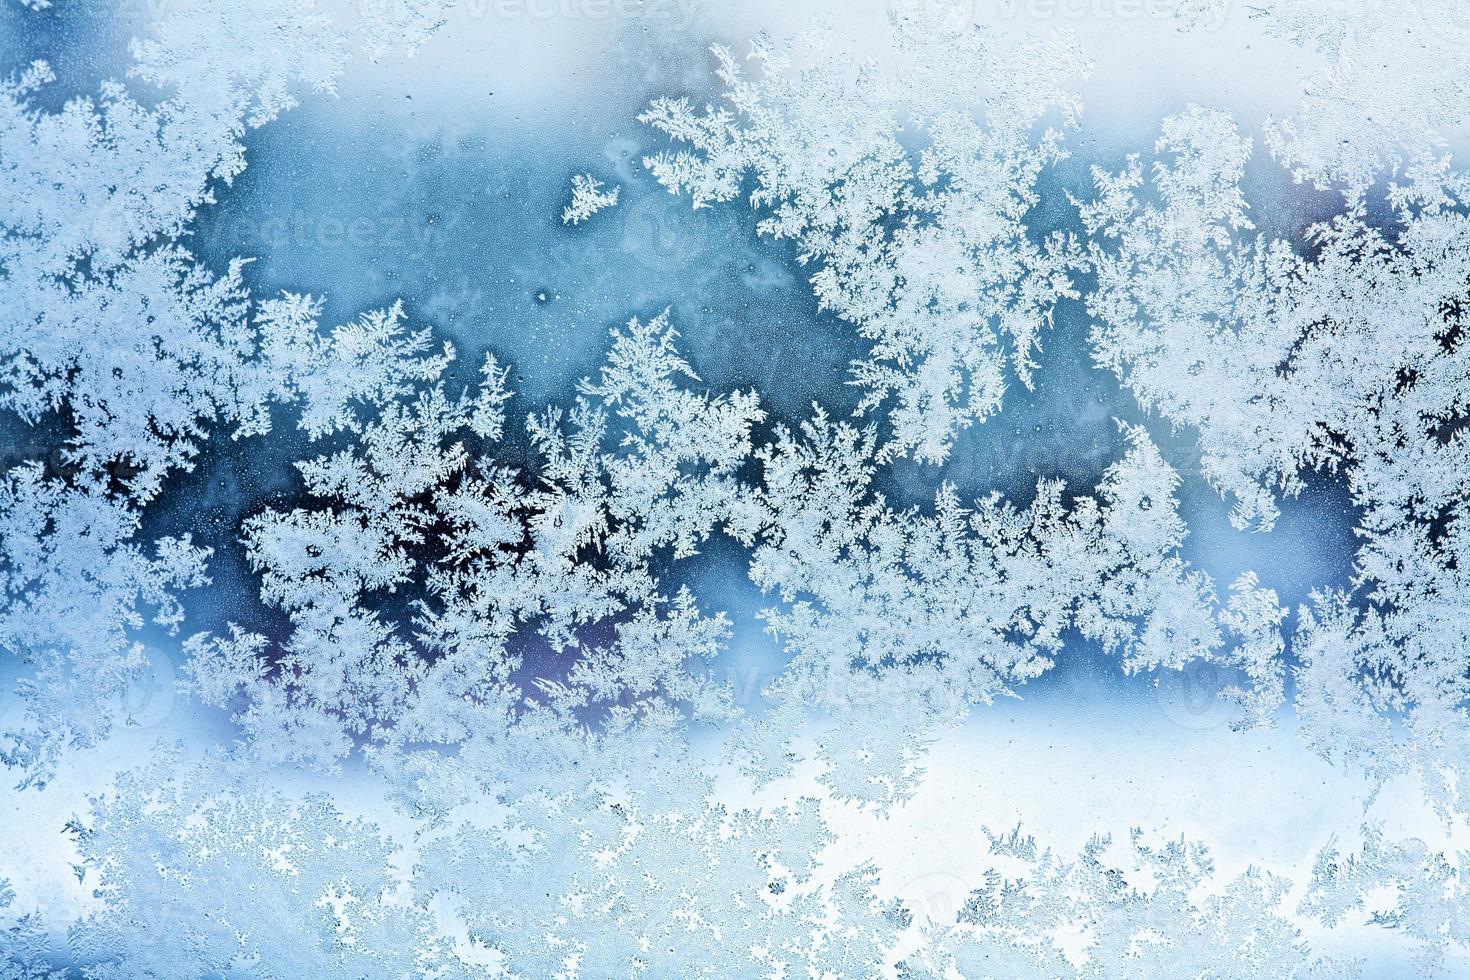 abstrakter Hintergrund des Wintereisreims foto